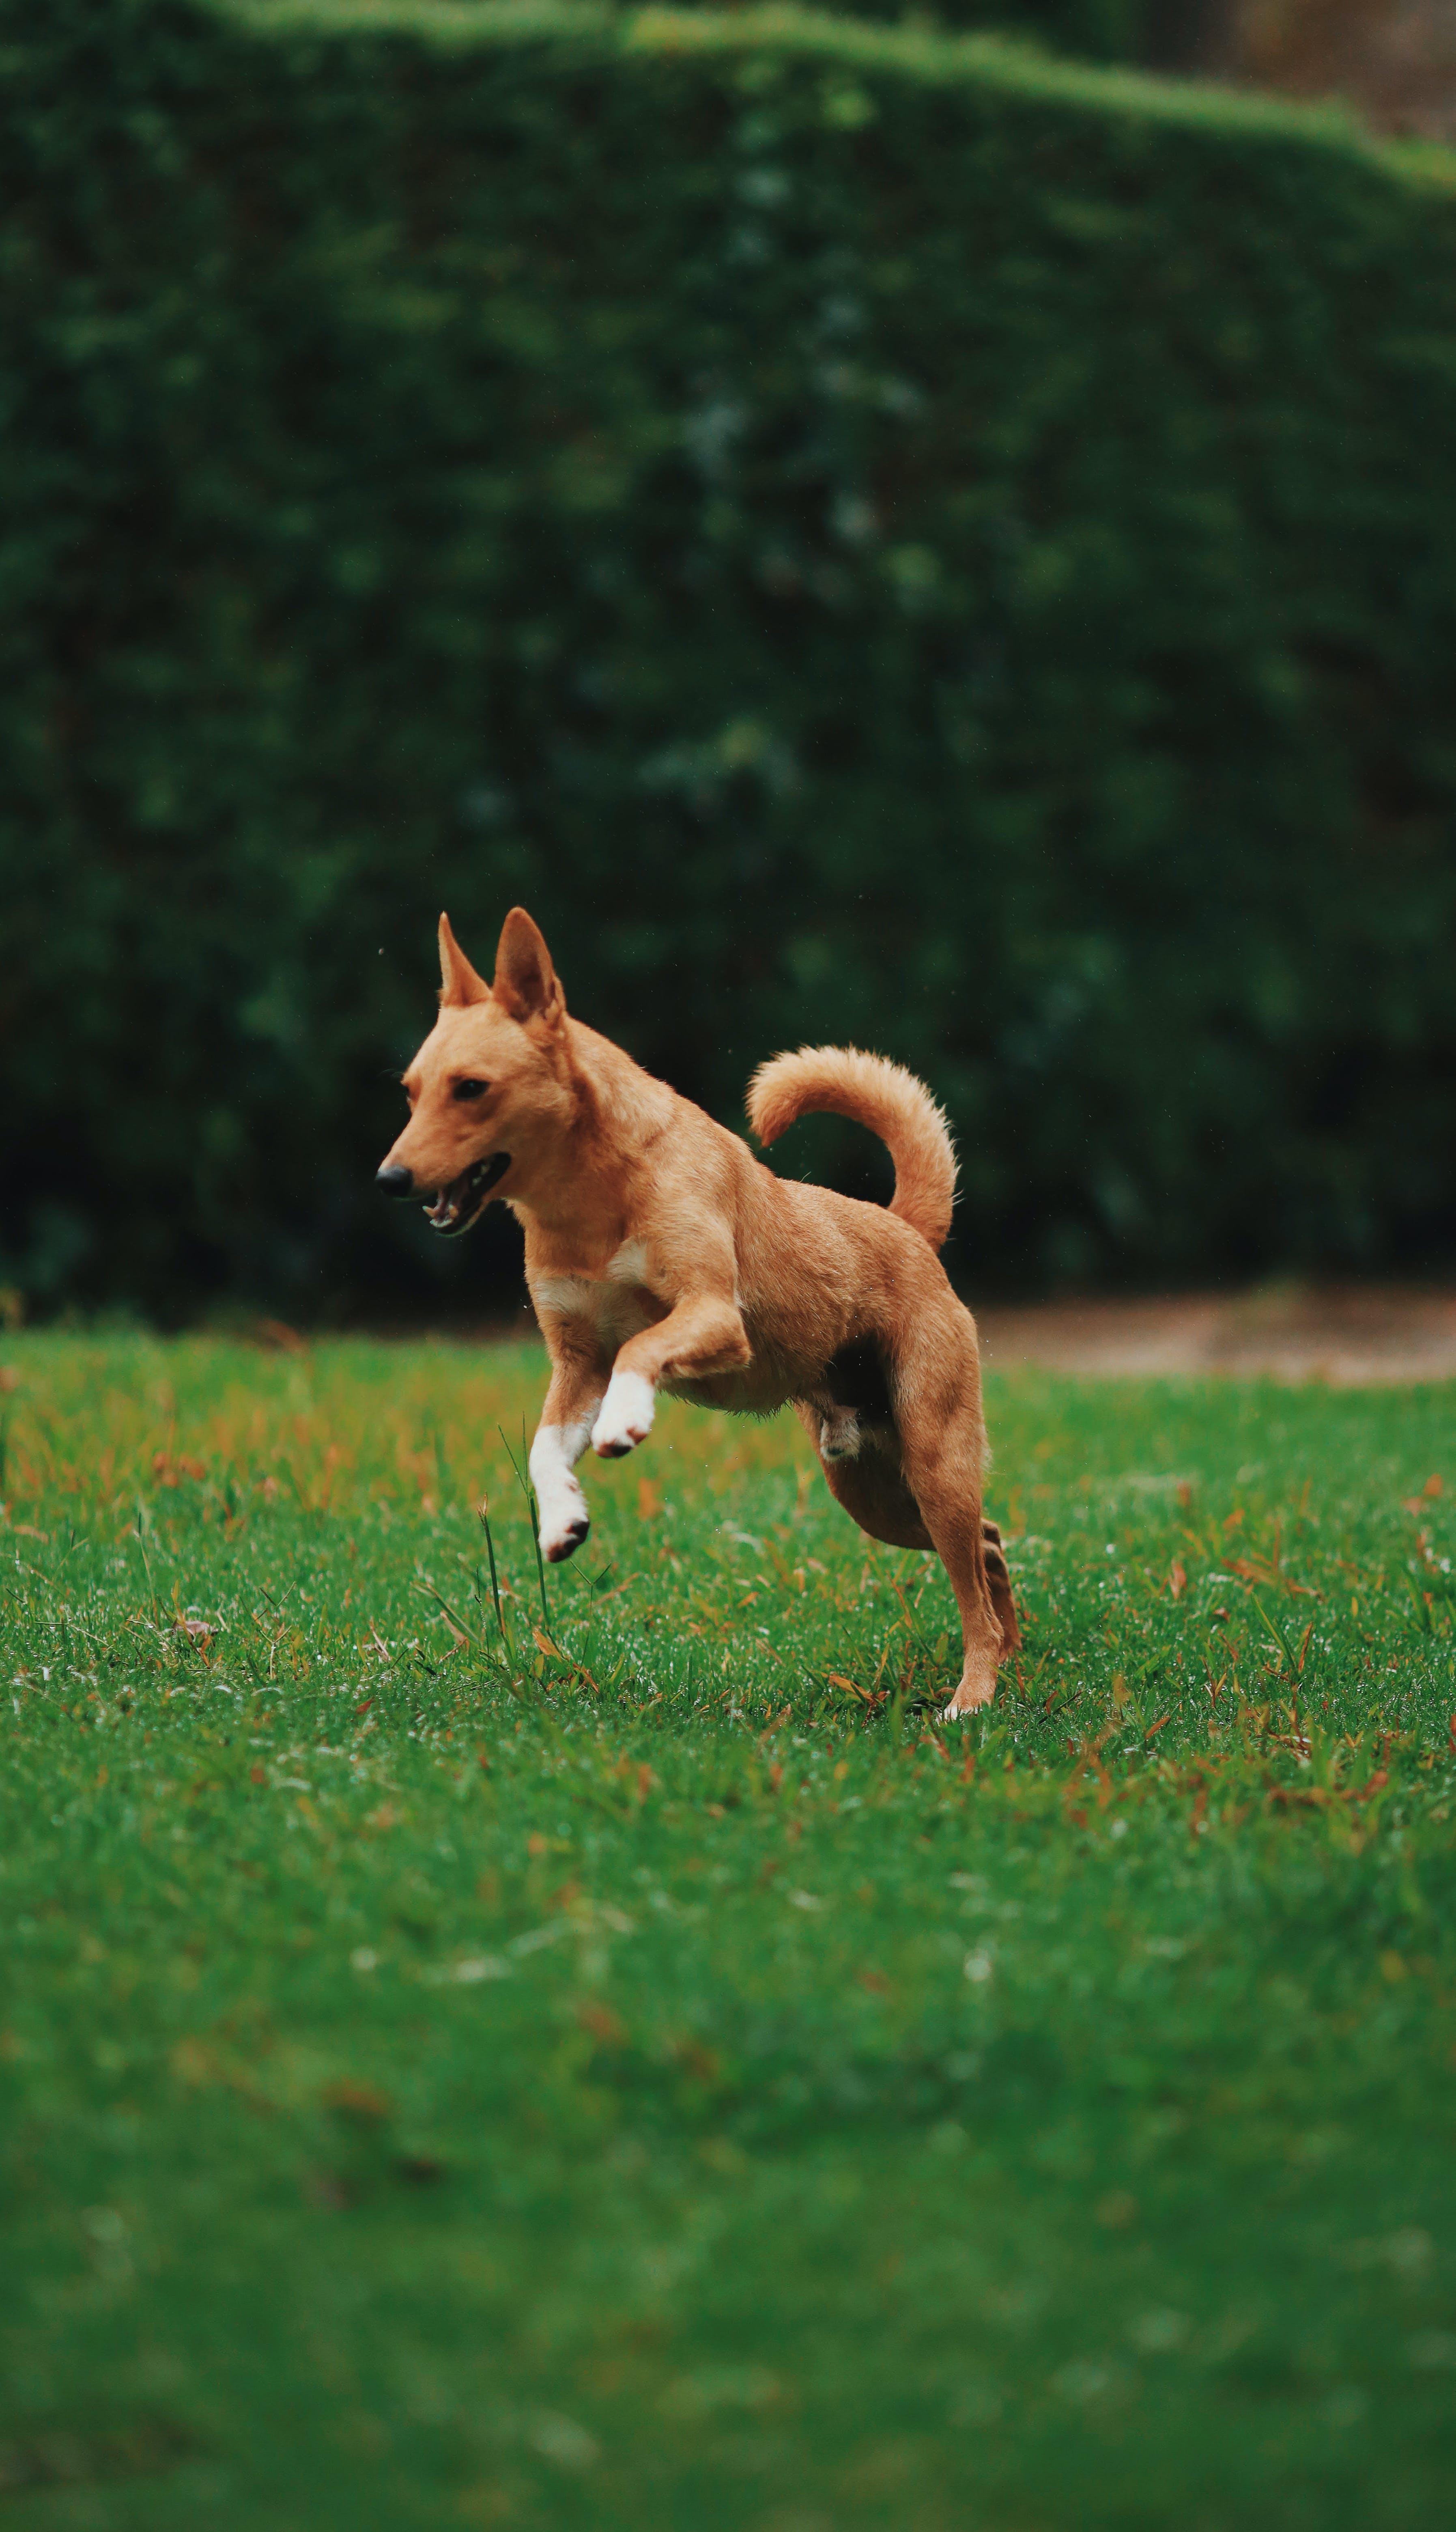 Brown Dog Running on Grassy Field